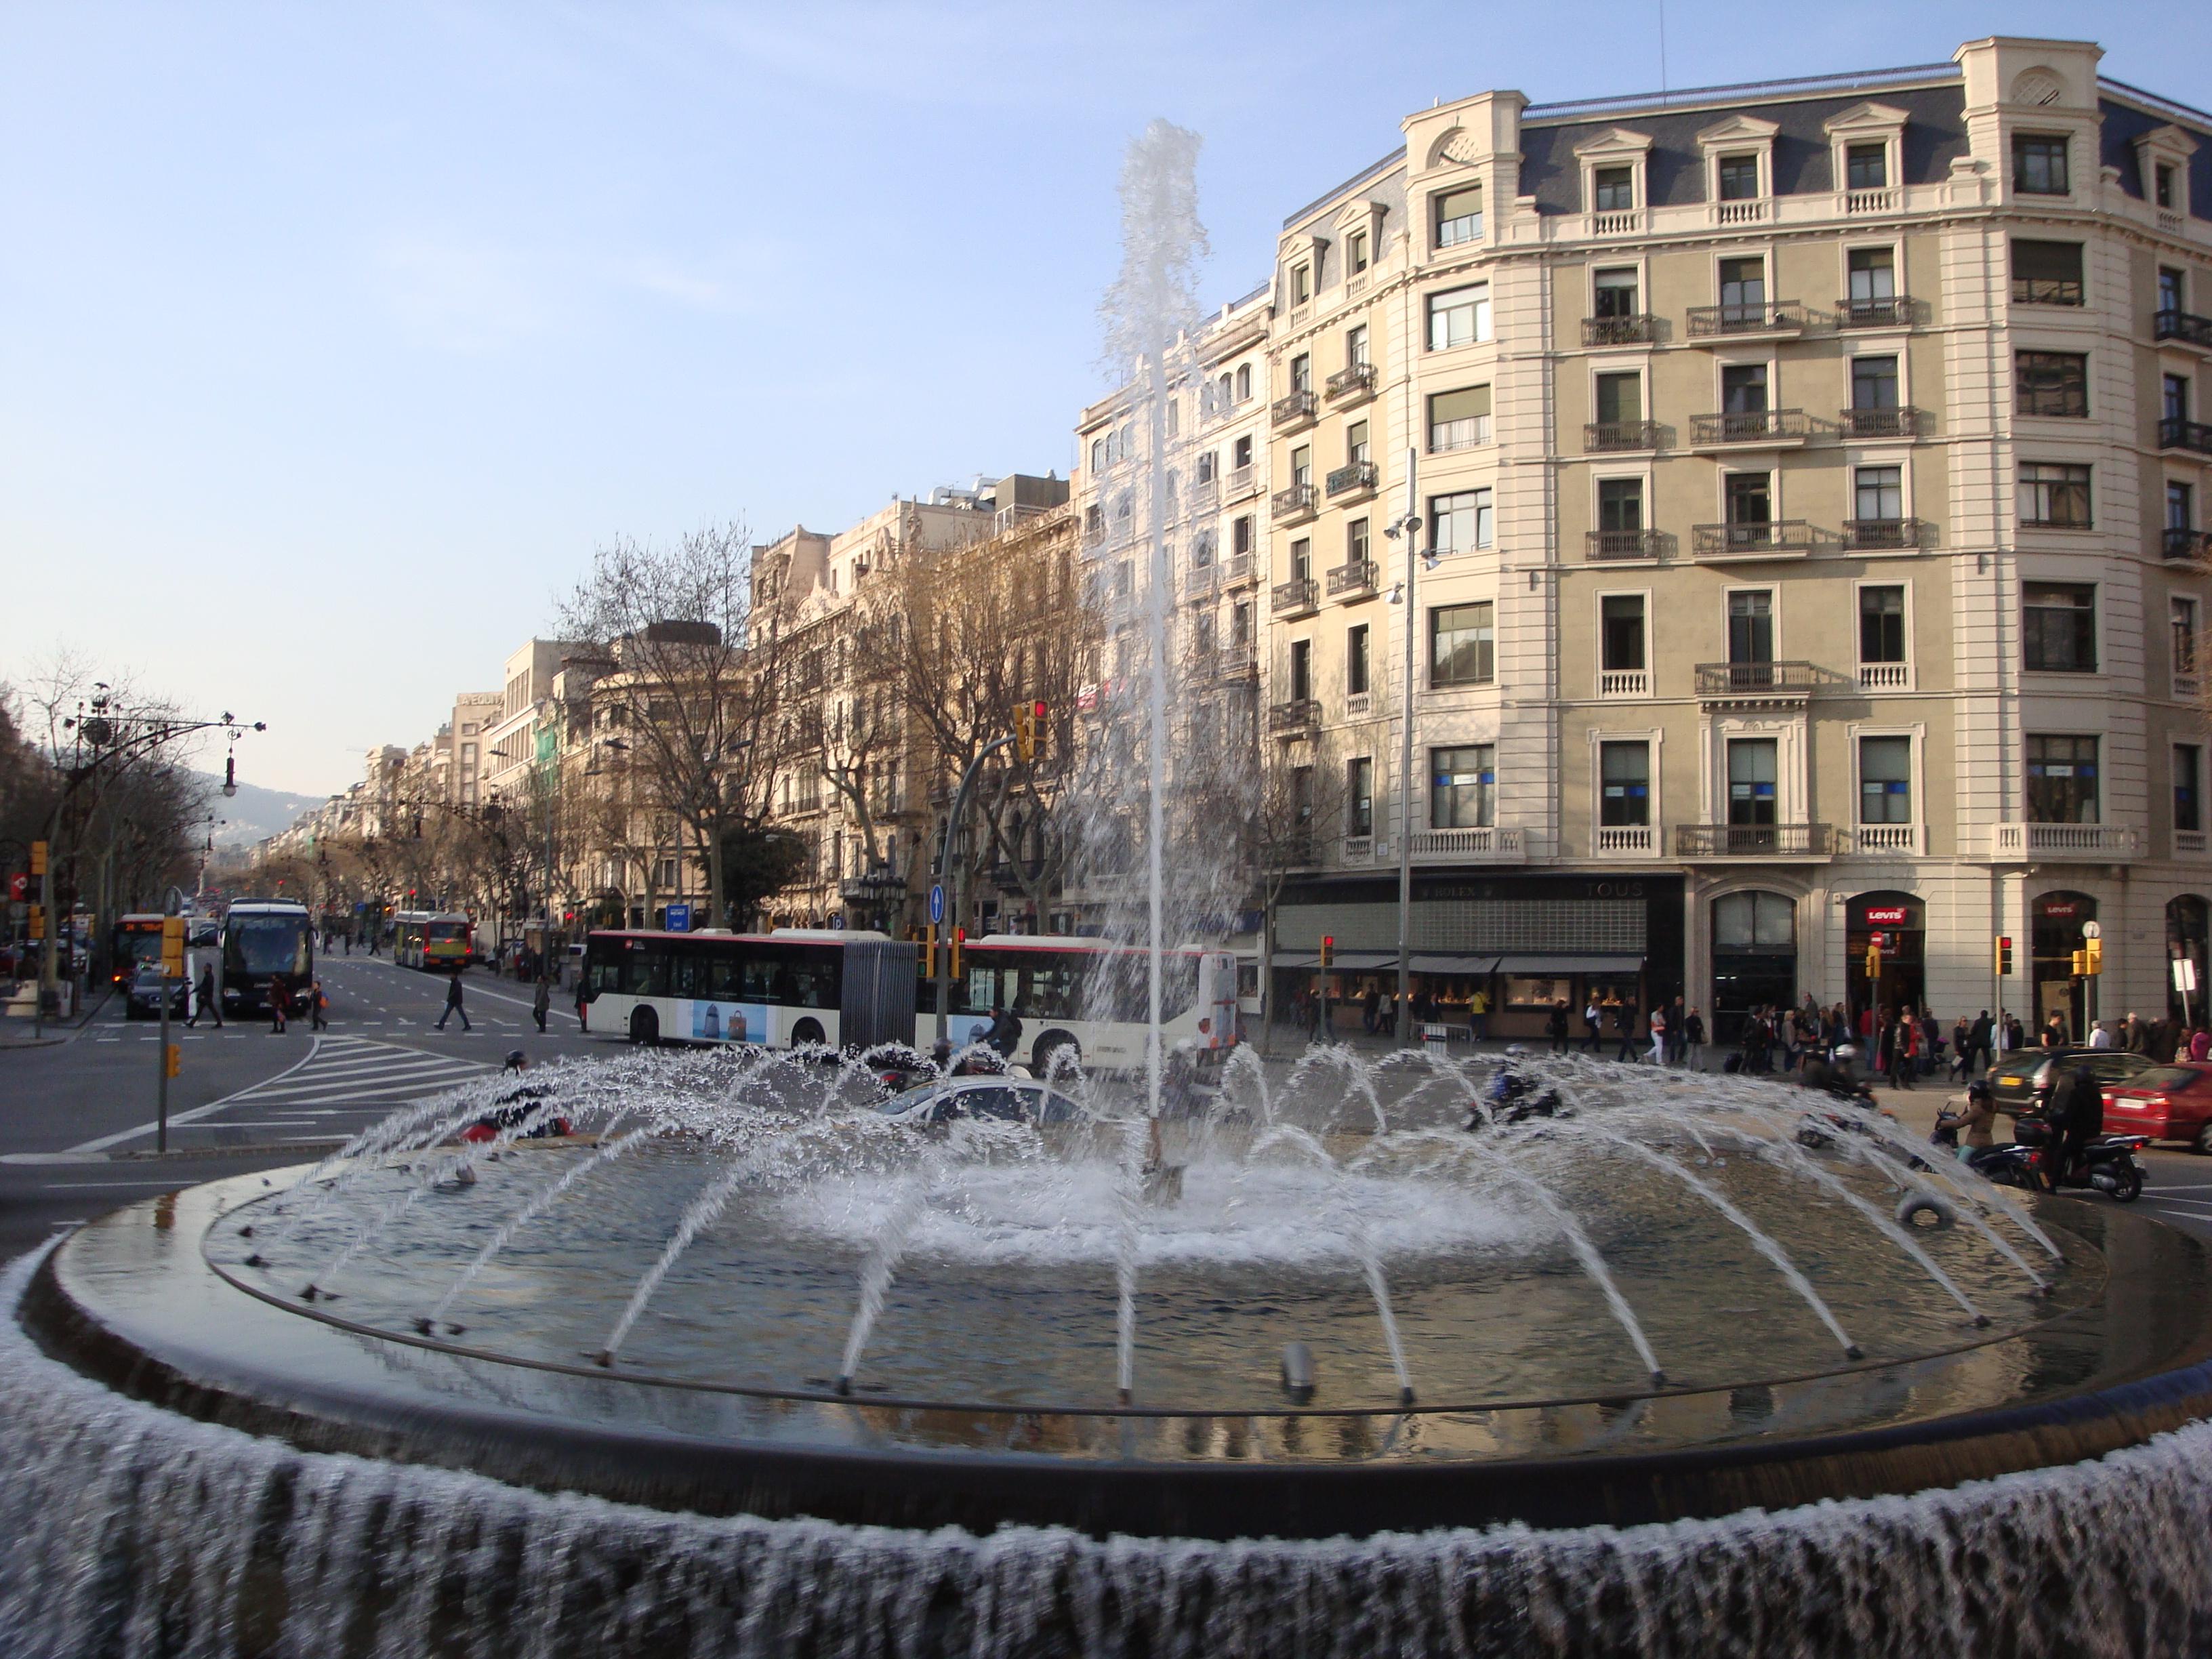 Сан-Себастьян – самая дорогая недвижимость в Испании